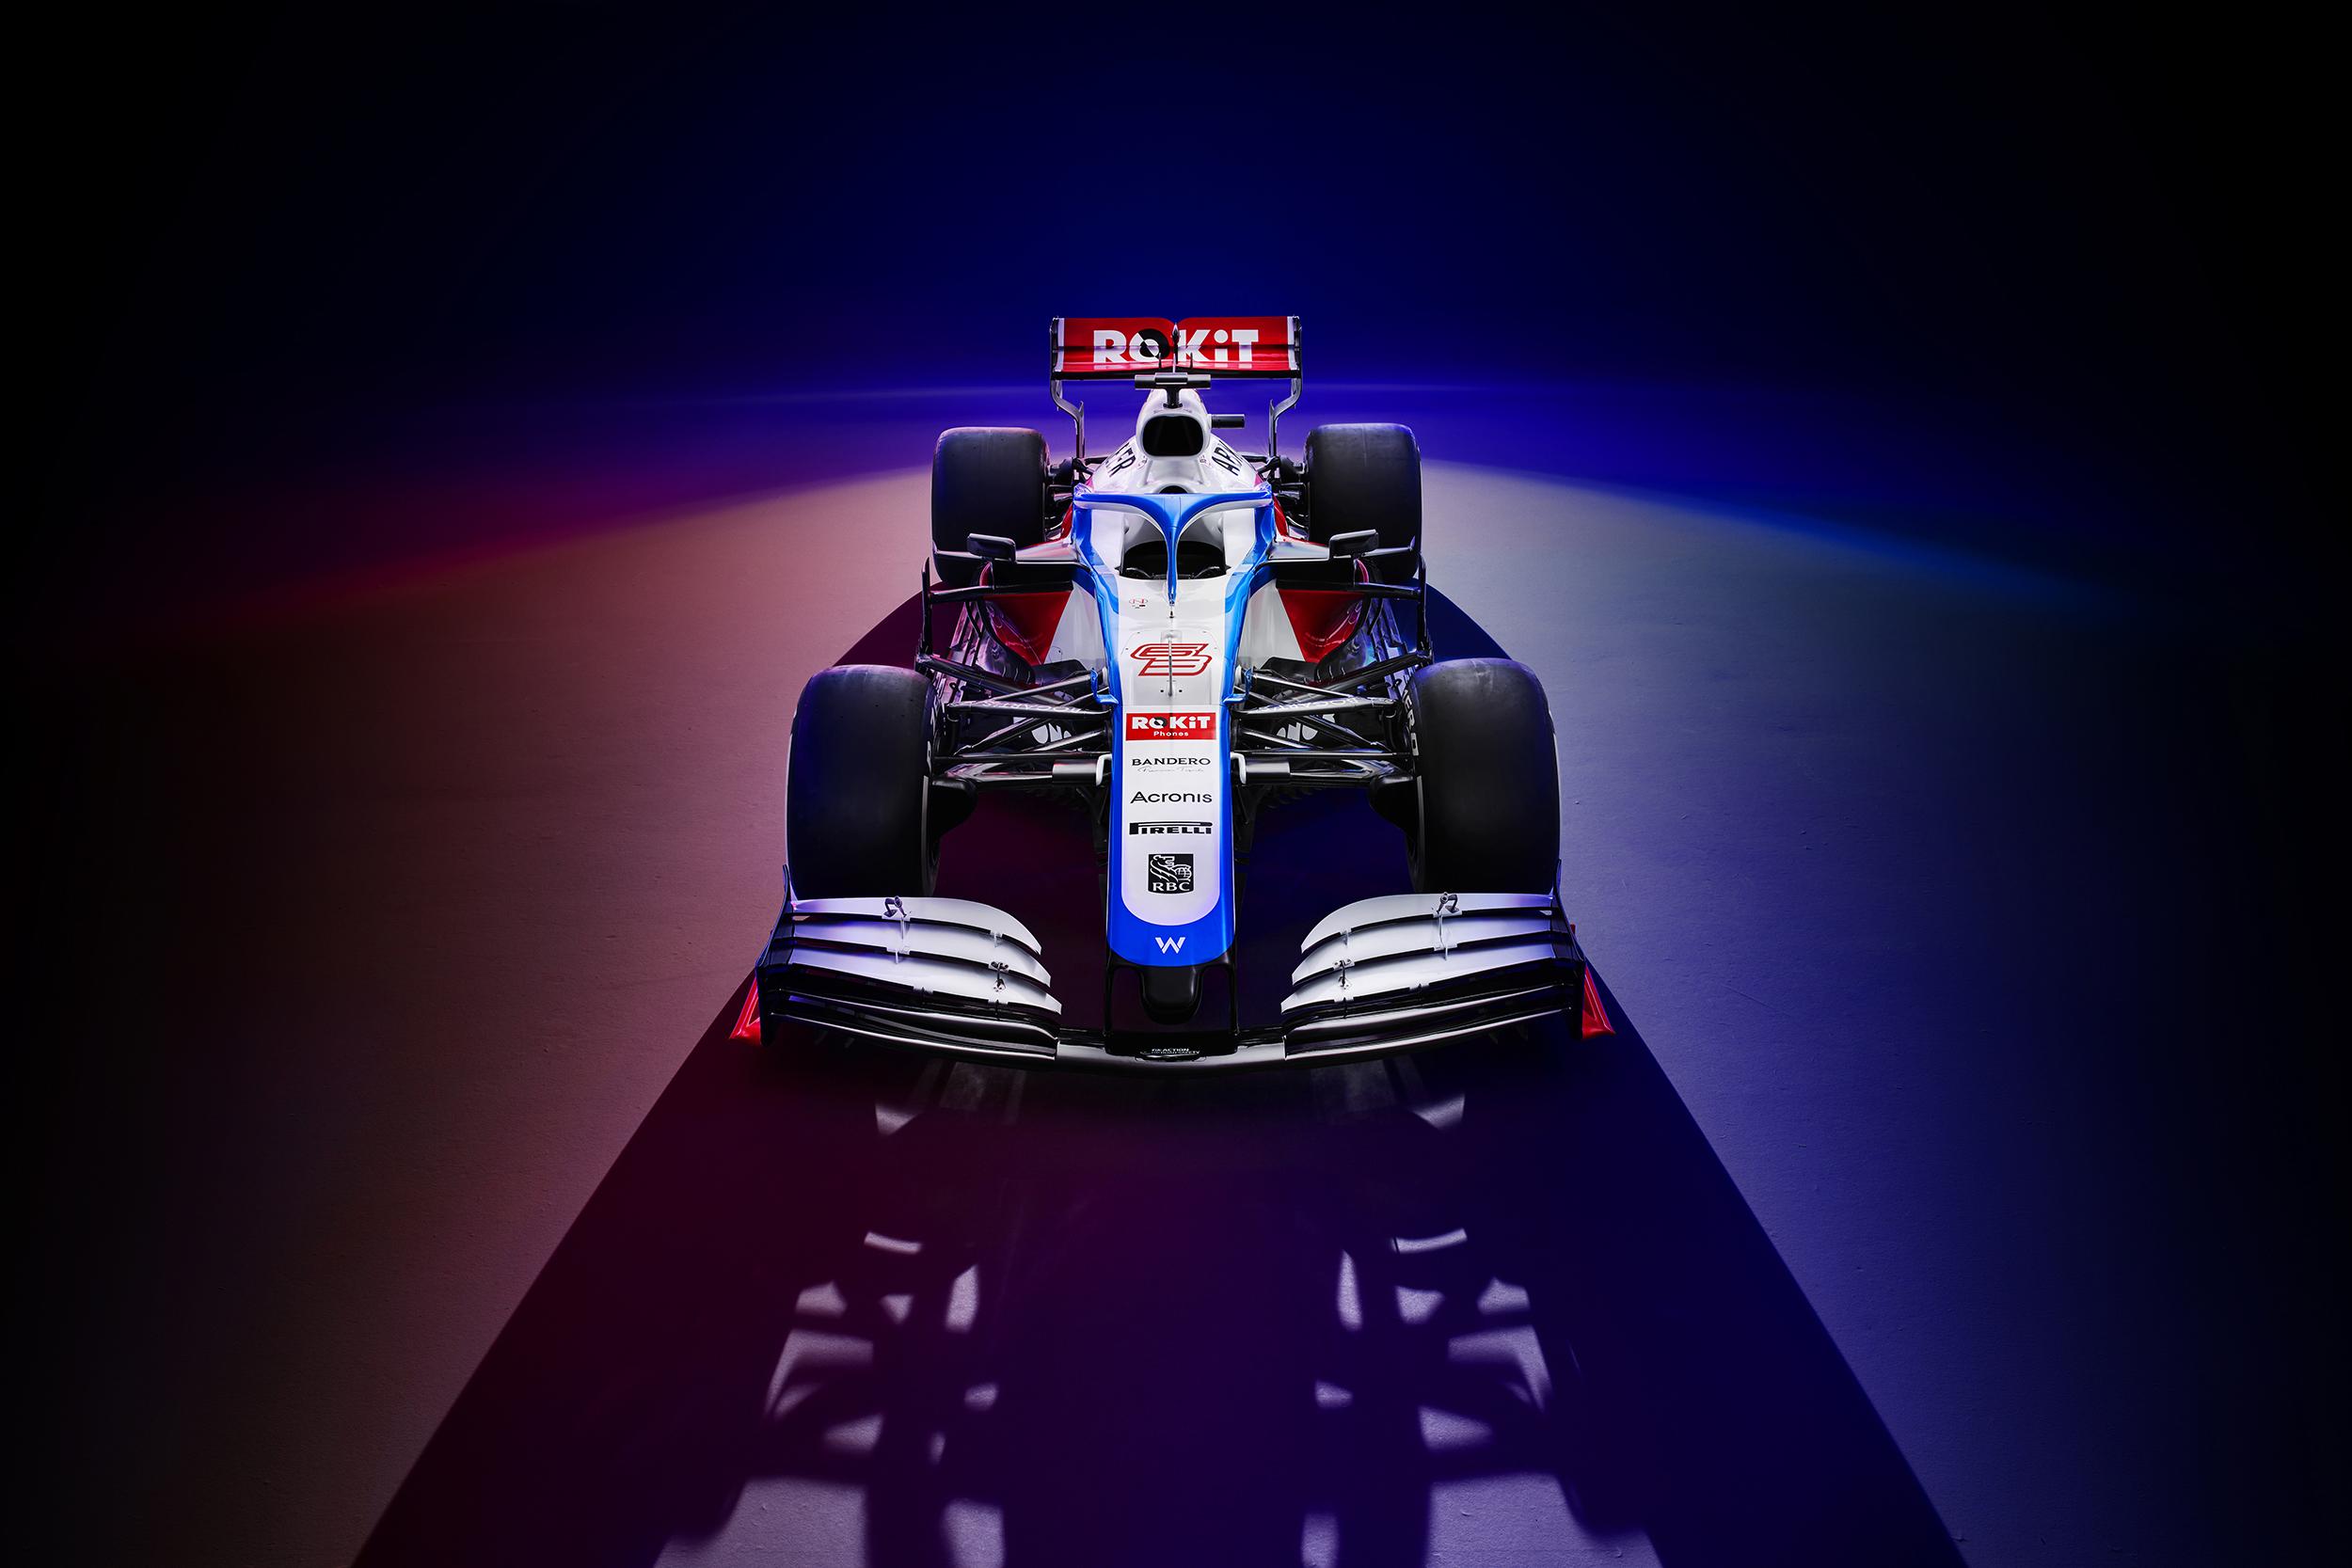 FW43 Williams